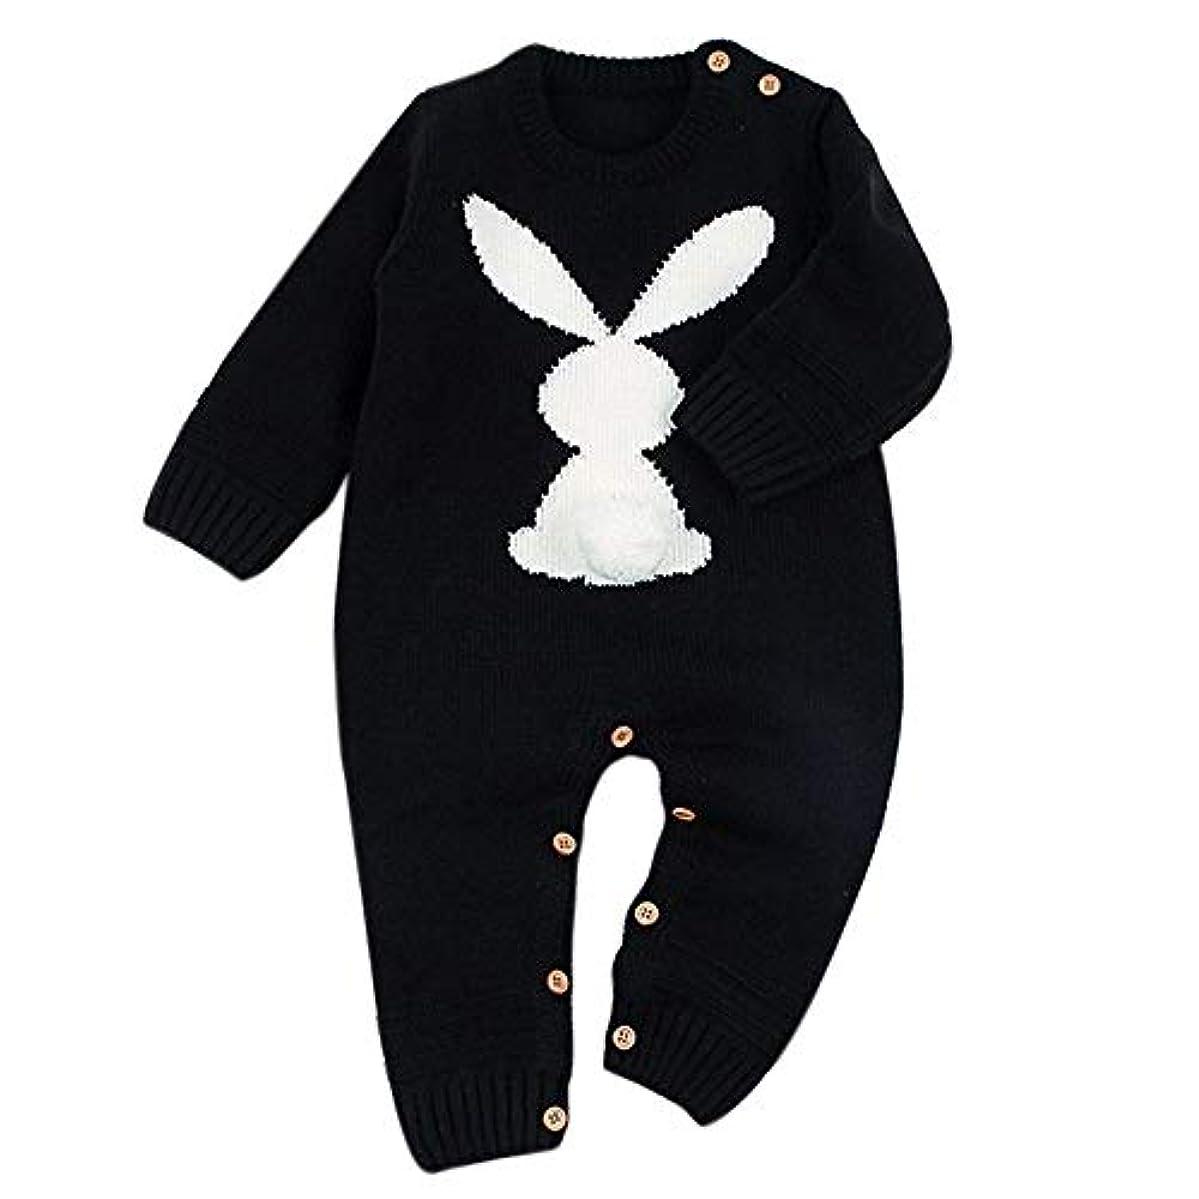 放散する不規則な魅了するベビーロンパース冬暖かい長袖コーラルフリース新生児少年少女の服幼児スーツ動物全体のパジャマ (Color : 4 5, Kid Size : 9M)